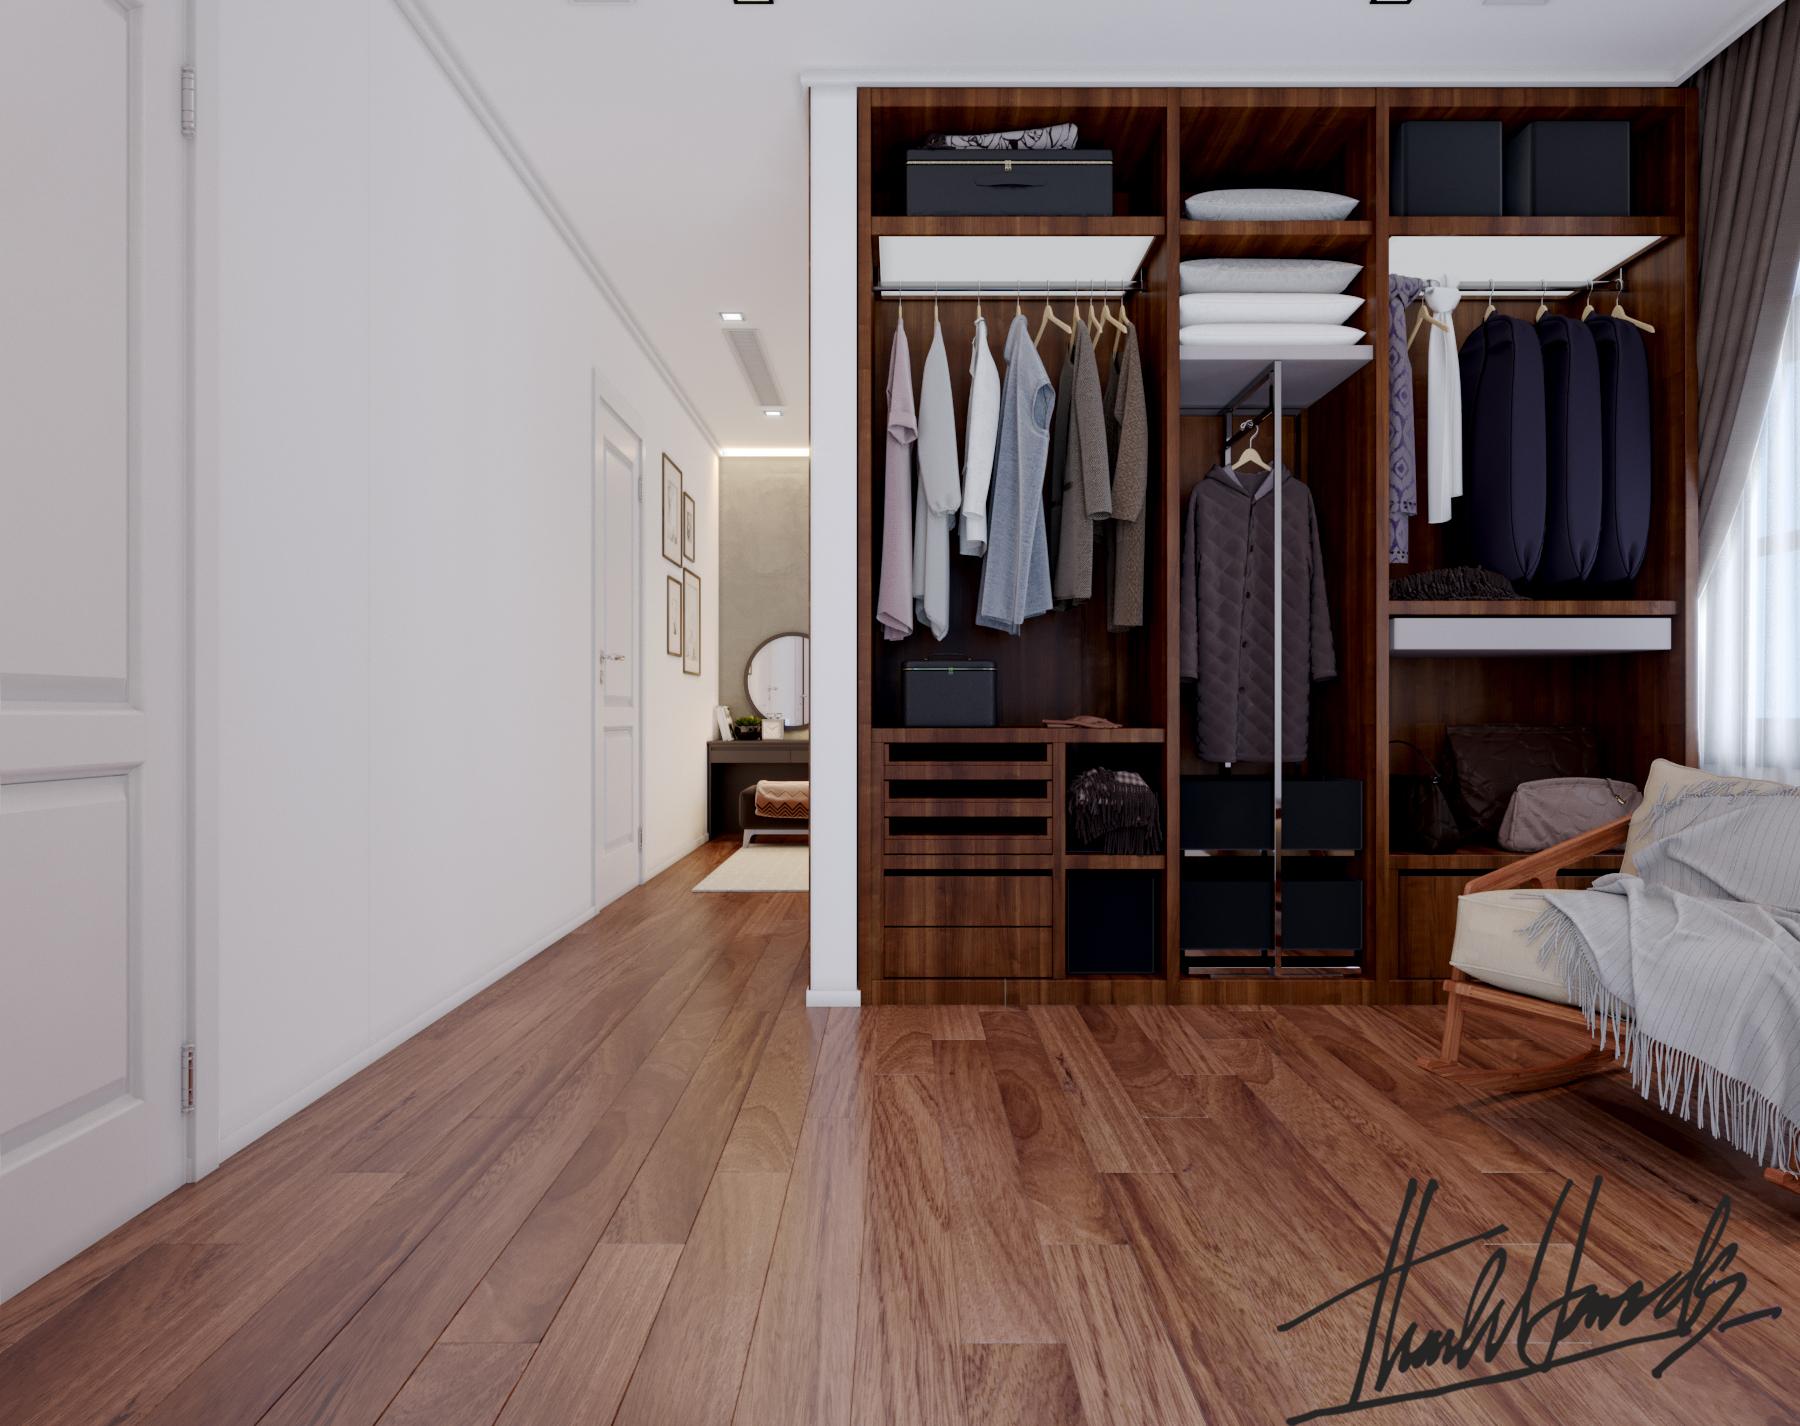 thiết kế nội thất Biệt Thự tại Hải Phòng Biệt thự Vinhomes - imperia ( khu VEN) 22 1568278769